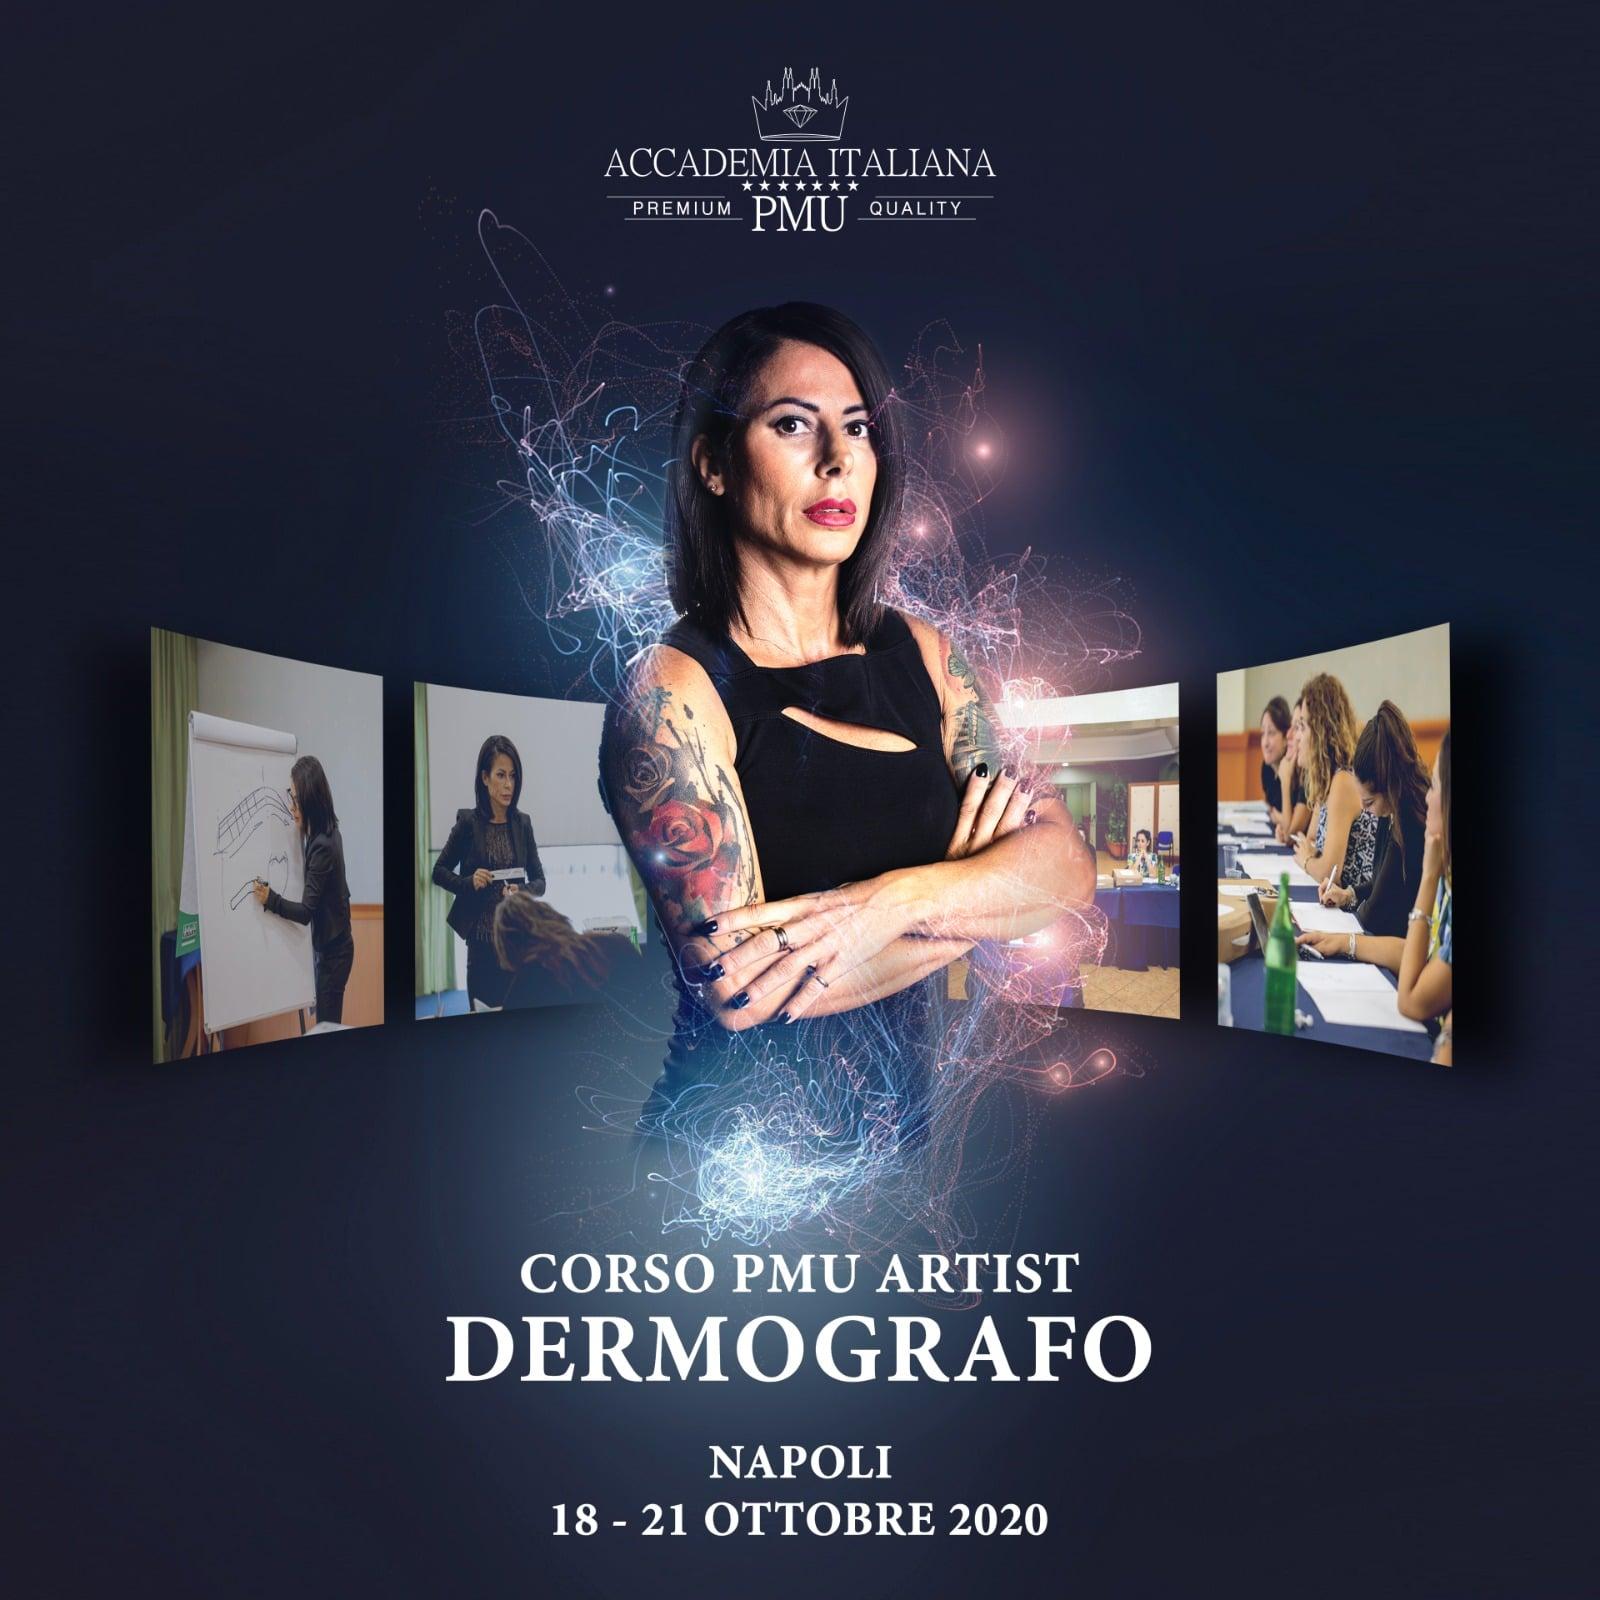 dermografo napoli - Corso trucco permanente Napoli